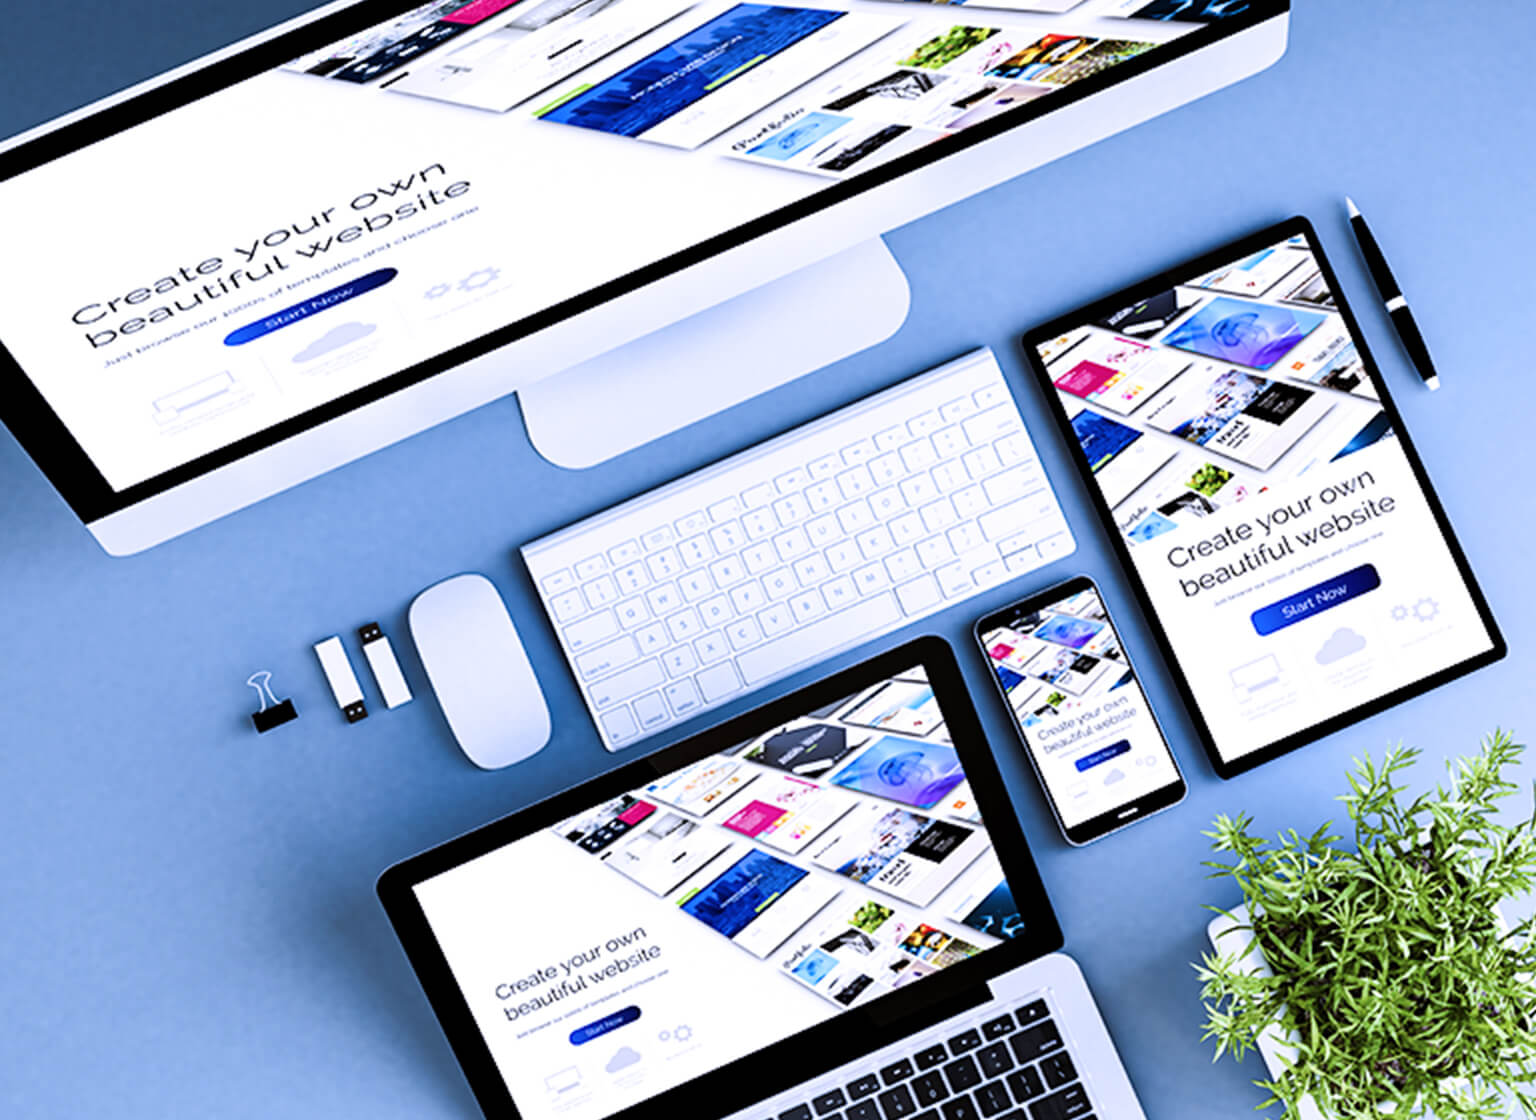 レスポンシブデザインのスマートフォン用のイメージ画像